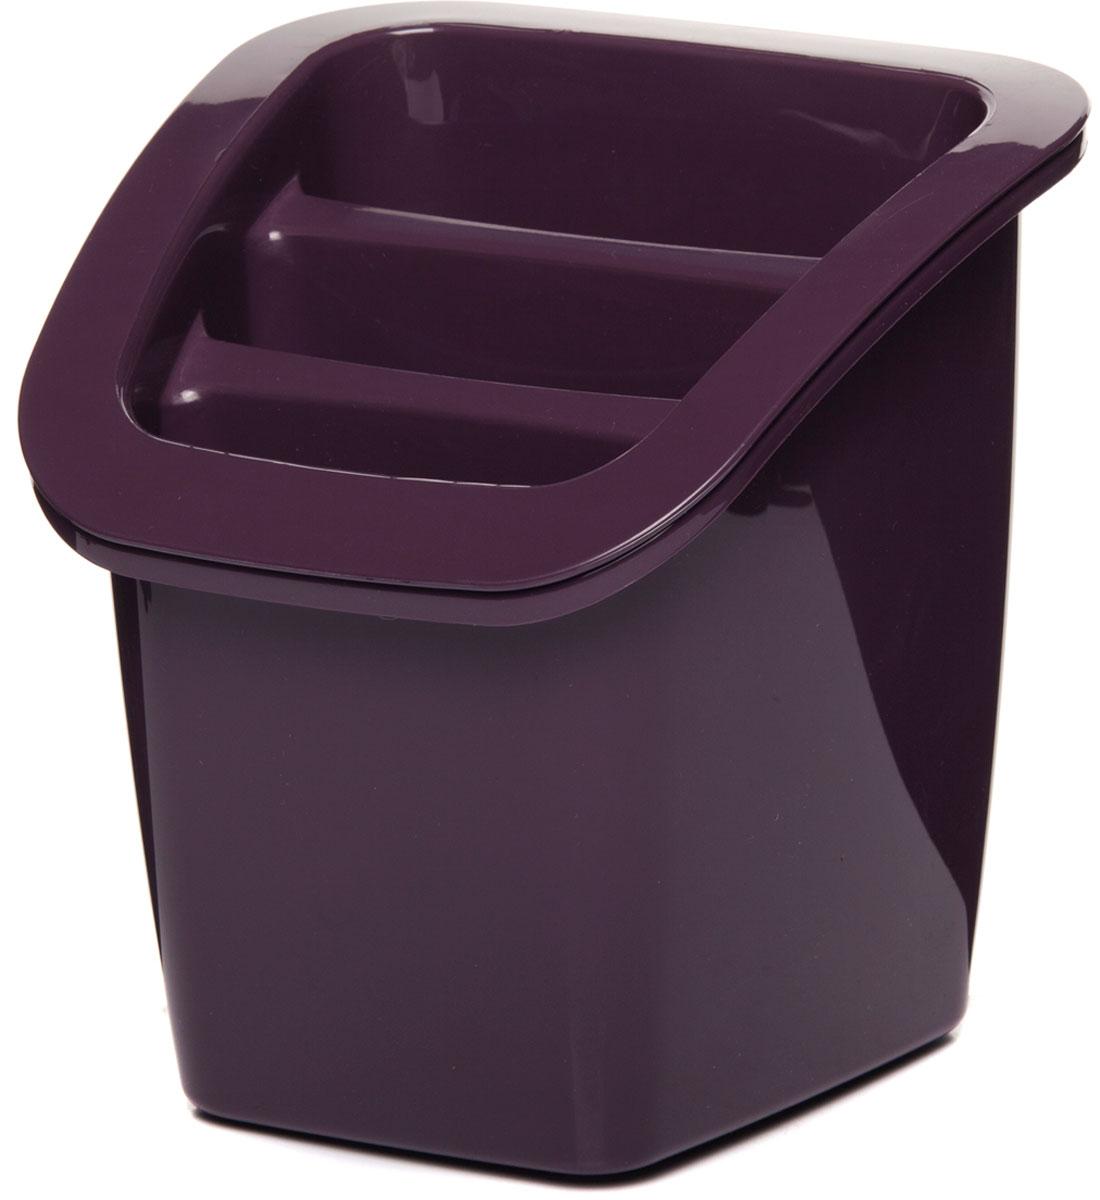 """Подставка для столовых приборов """"Herevin"""", выполненная из прочного пластика, состоит из двух частей - верхняя съемная. Изделие имеет 3 продолговатые секции для хранения различных столовых приборов. Внизу секции оснащены отверстиями для стока жидкости. Такая подставка не только позволит аккуратно хранить столовые приборы, но и красиво дополнит интерьер кухни."""